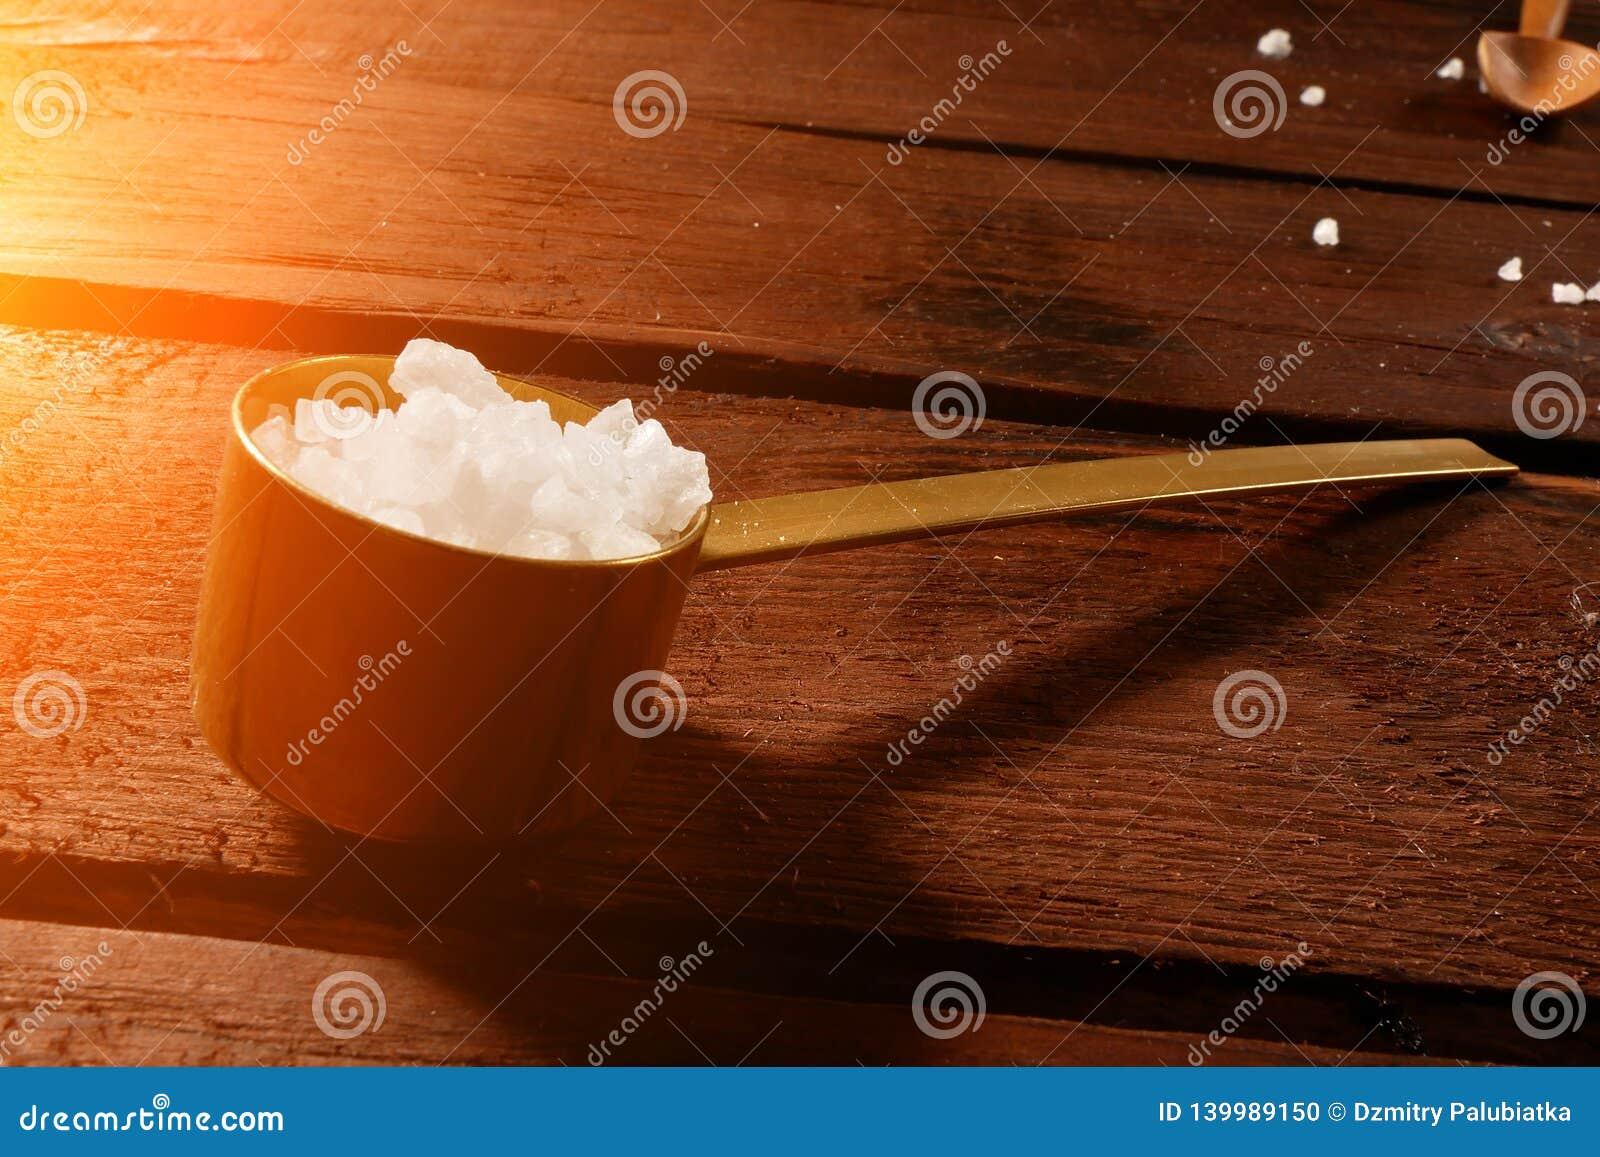 Morze sól w łyżce na pięknym tle